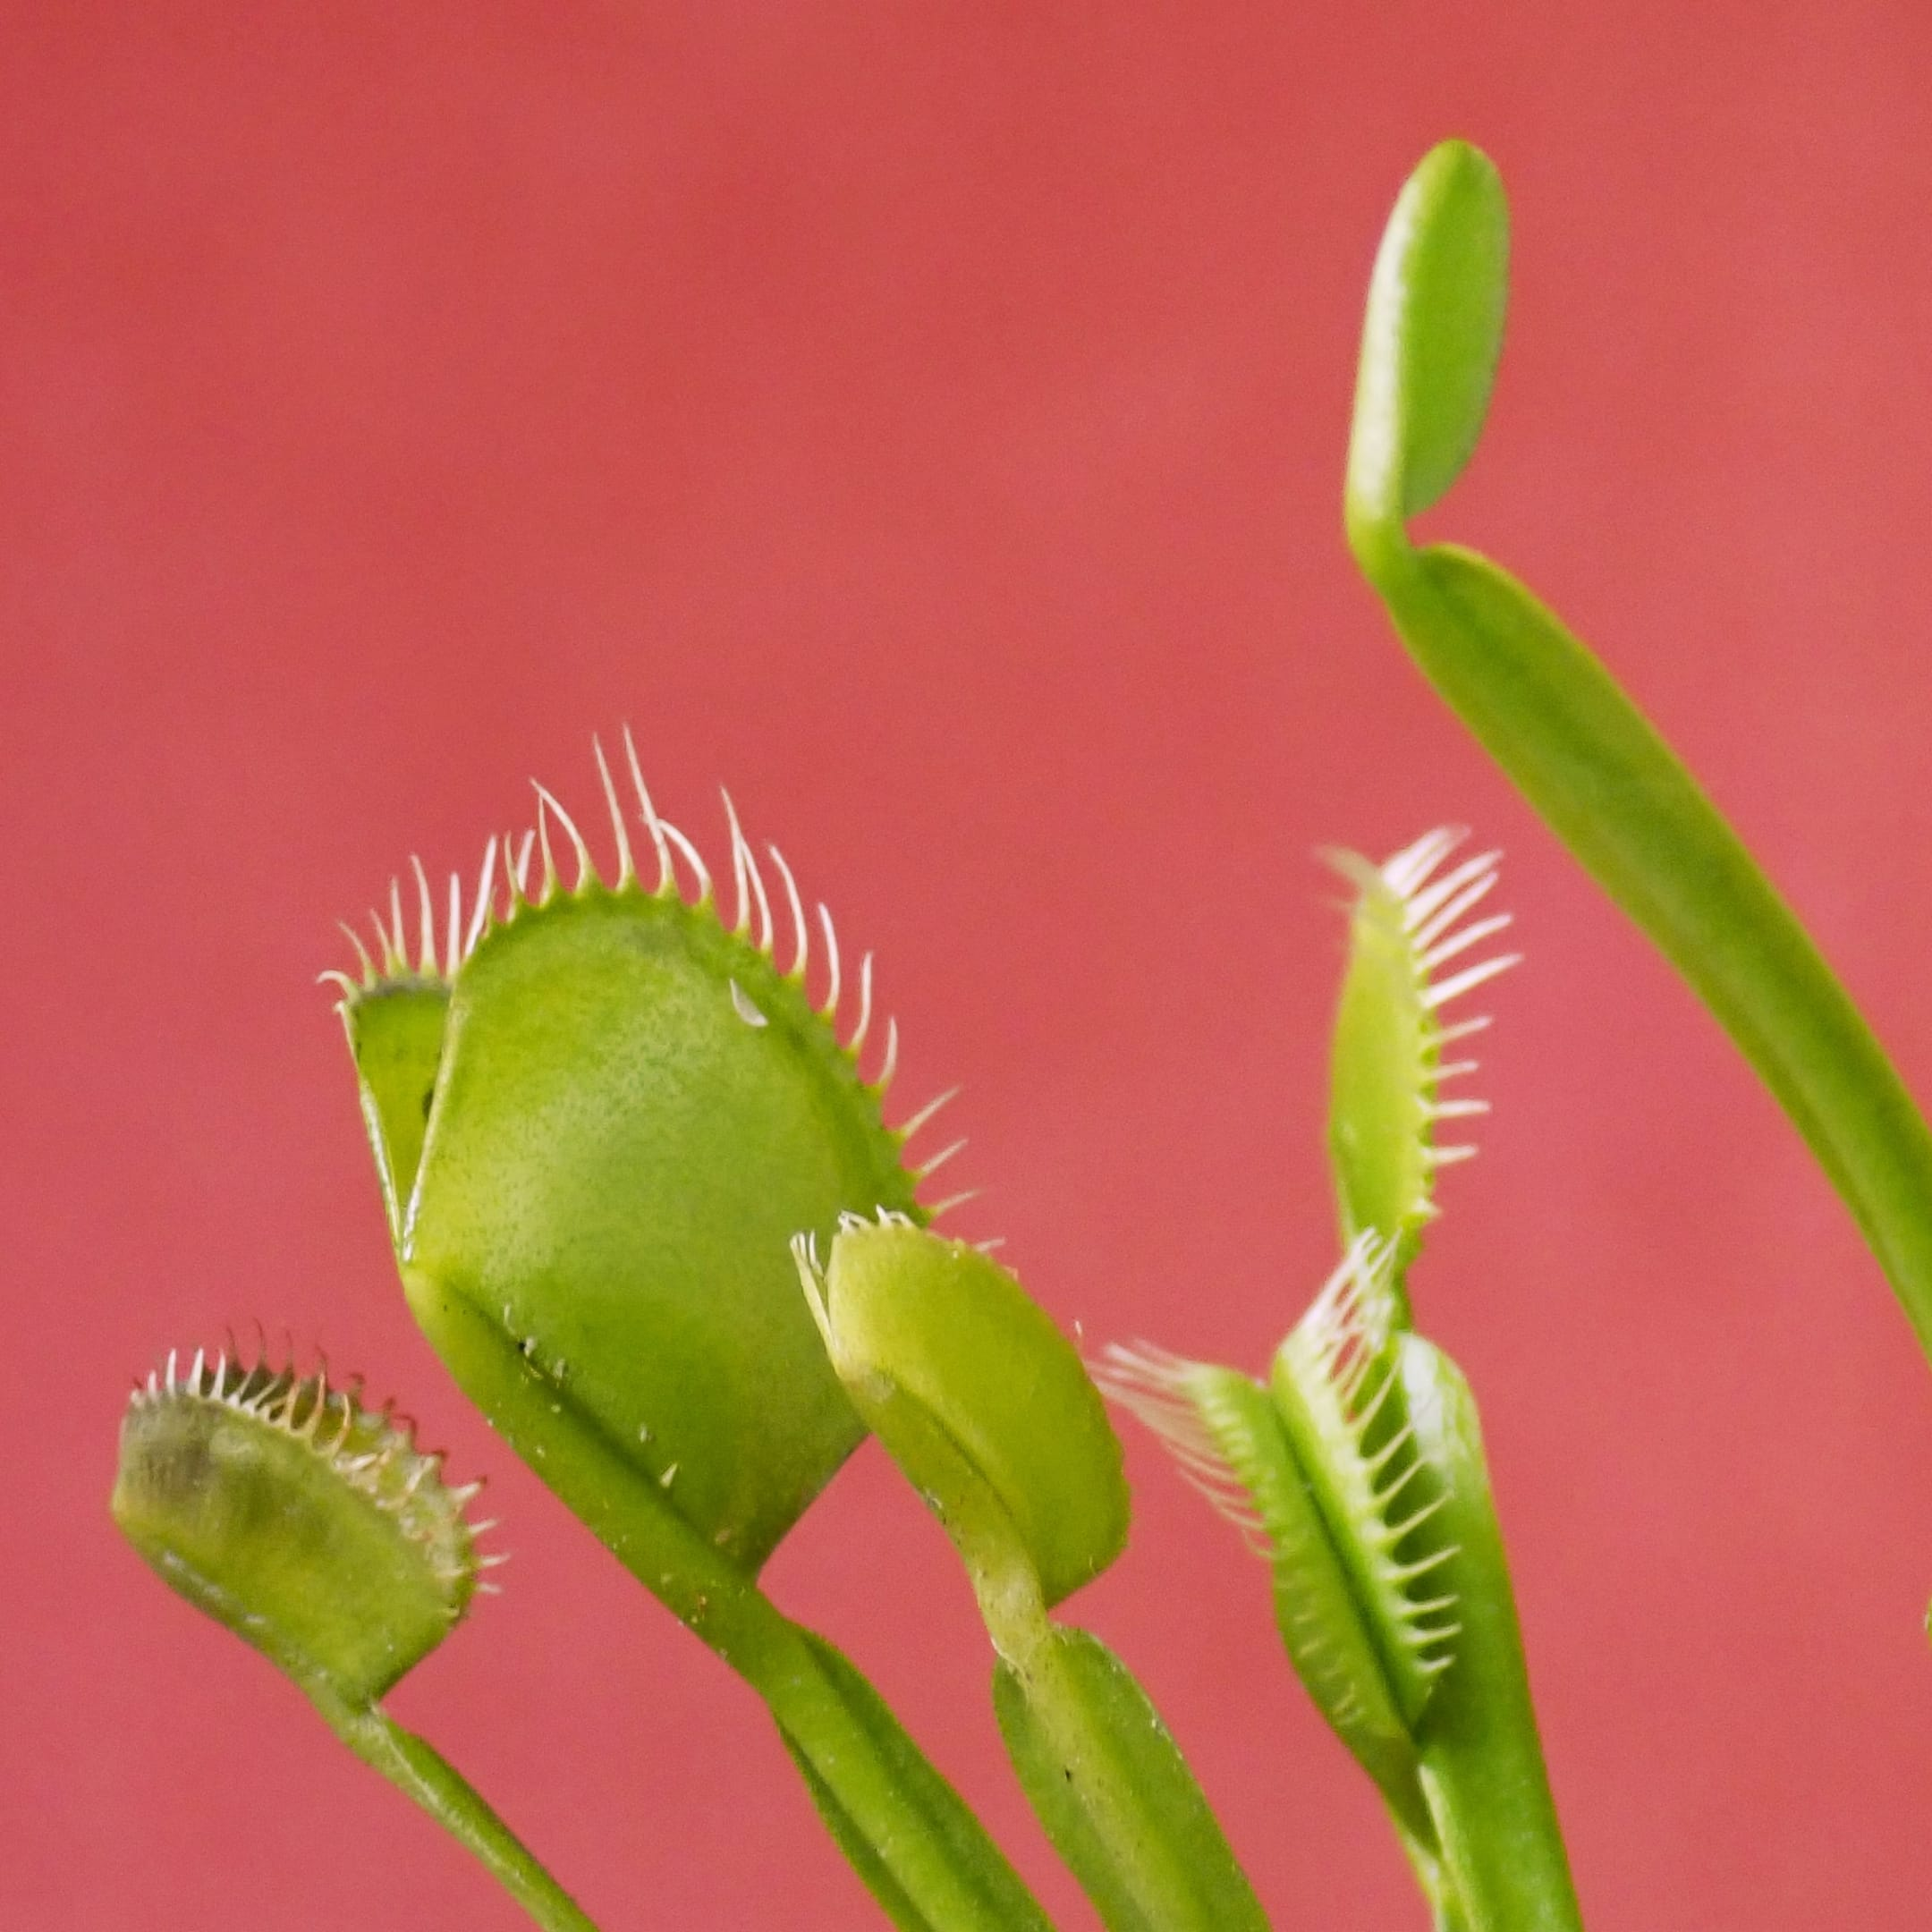 Хищное растение Венерина мухоловка (лат. Dionaea muscipula). Фото: Carla Anne / unsplash.com